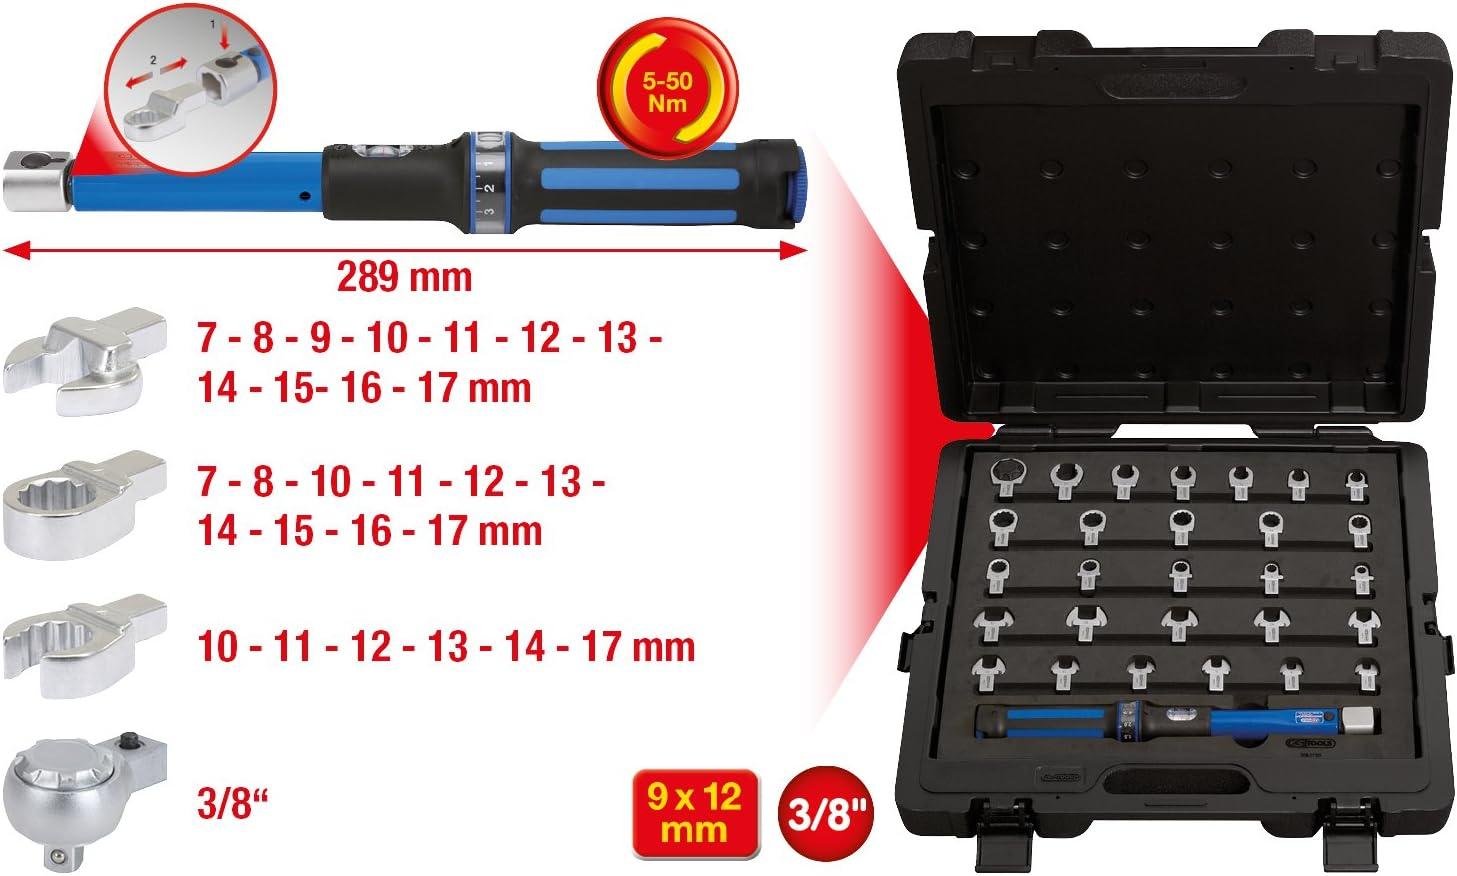 5-50Nm 29-tlg KS Tools 516.1720 9x12mm Drehmoment-Werkzeug-Satz